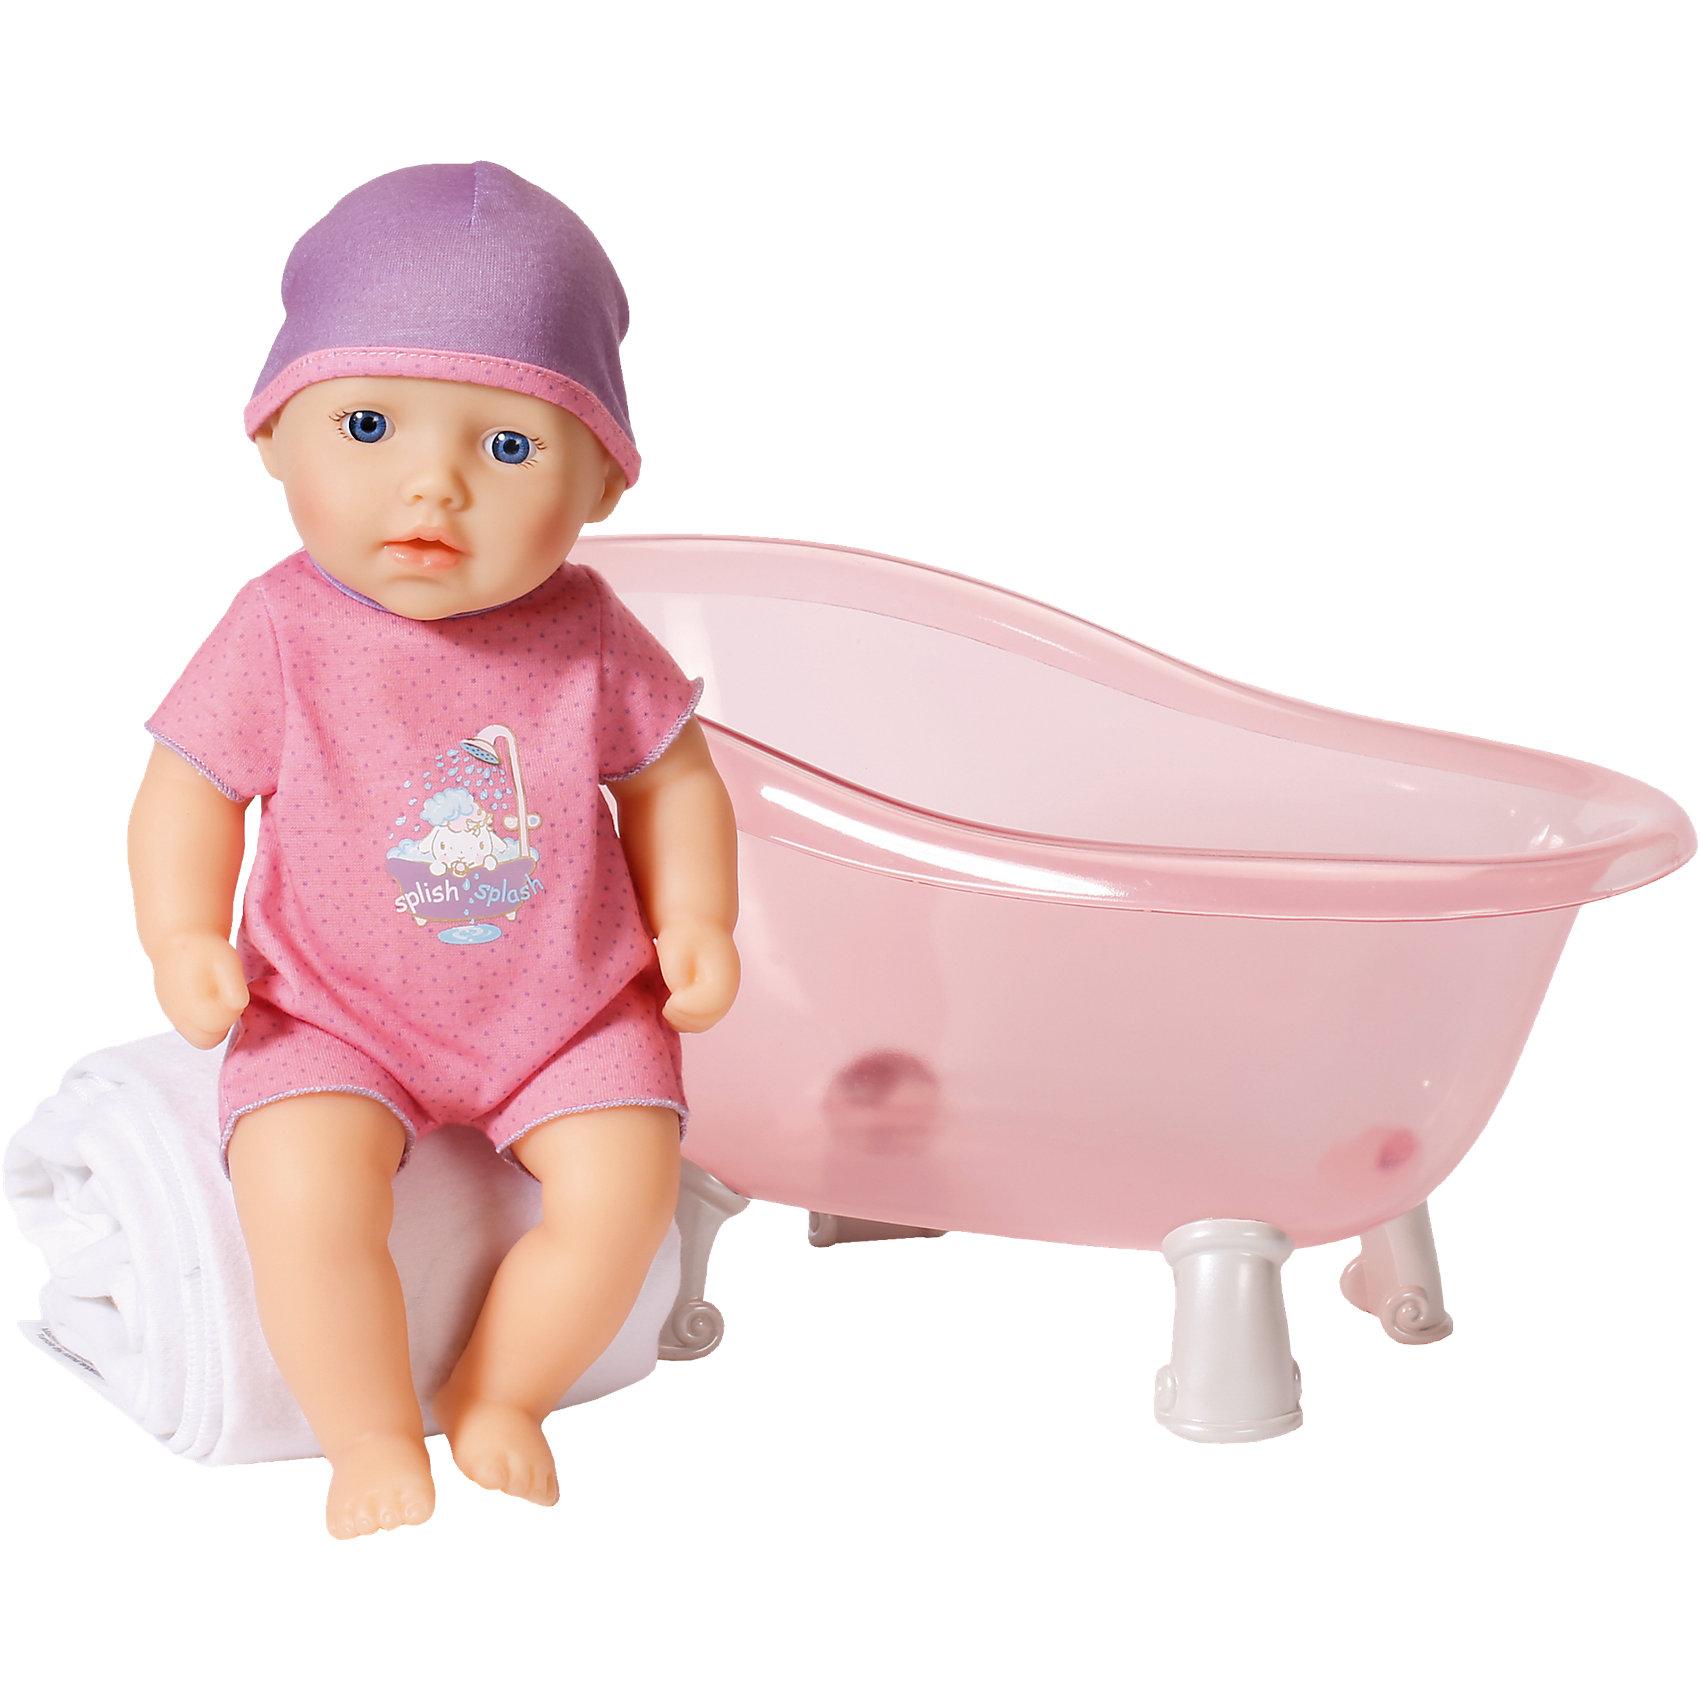 Кукла твердотелая с ванночкой, 30 см, my first Baby AnnabellВ наборе кукла в боди и шапочке и ванна. Тело куклы не промокает.<br>Тело куклы выполнено из мягкого пластика, оно поддается нажатию, но затем быстро возвращается в исходную форму. Кукла не промокает.<br>Ванна в комплекте нефункциональная, без батареек.<br><br>Ширина мм: 389<br>Глубина мм: 271<br>Высота мм: 208<br>Вес г: 965<br>Возраст от месяцев: 12<br>Возраст до месяцев: 36<br>Пол: Женский<br>Возраст: Детский<br>SKU: 5093526